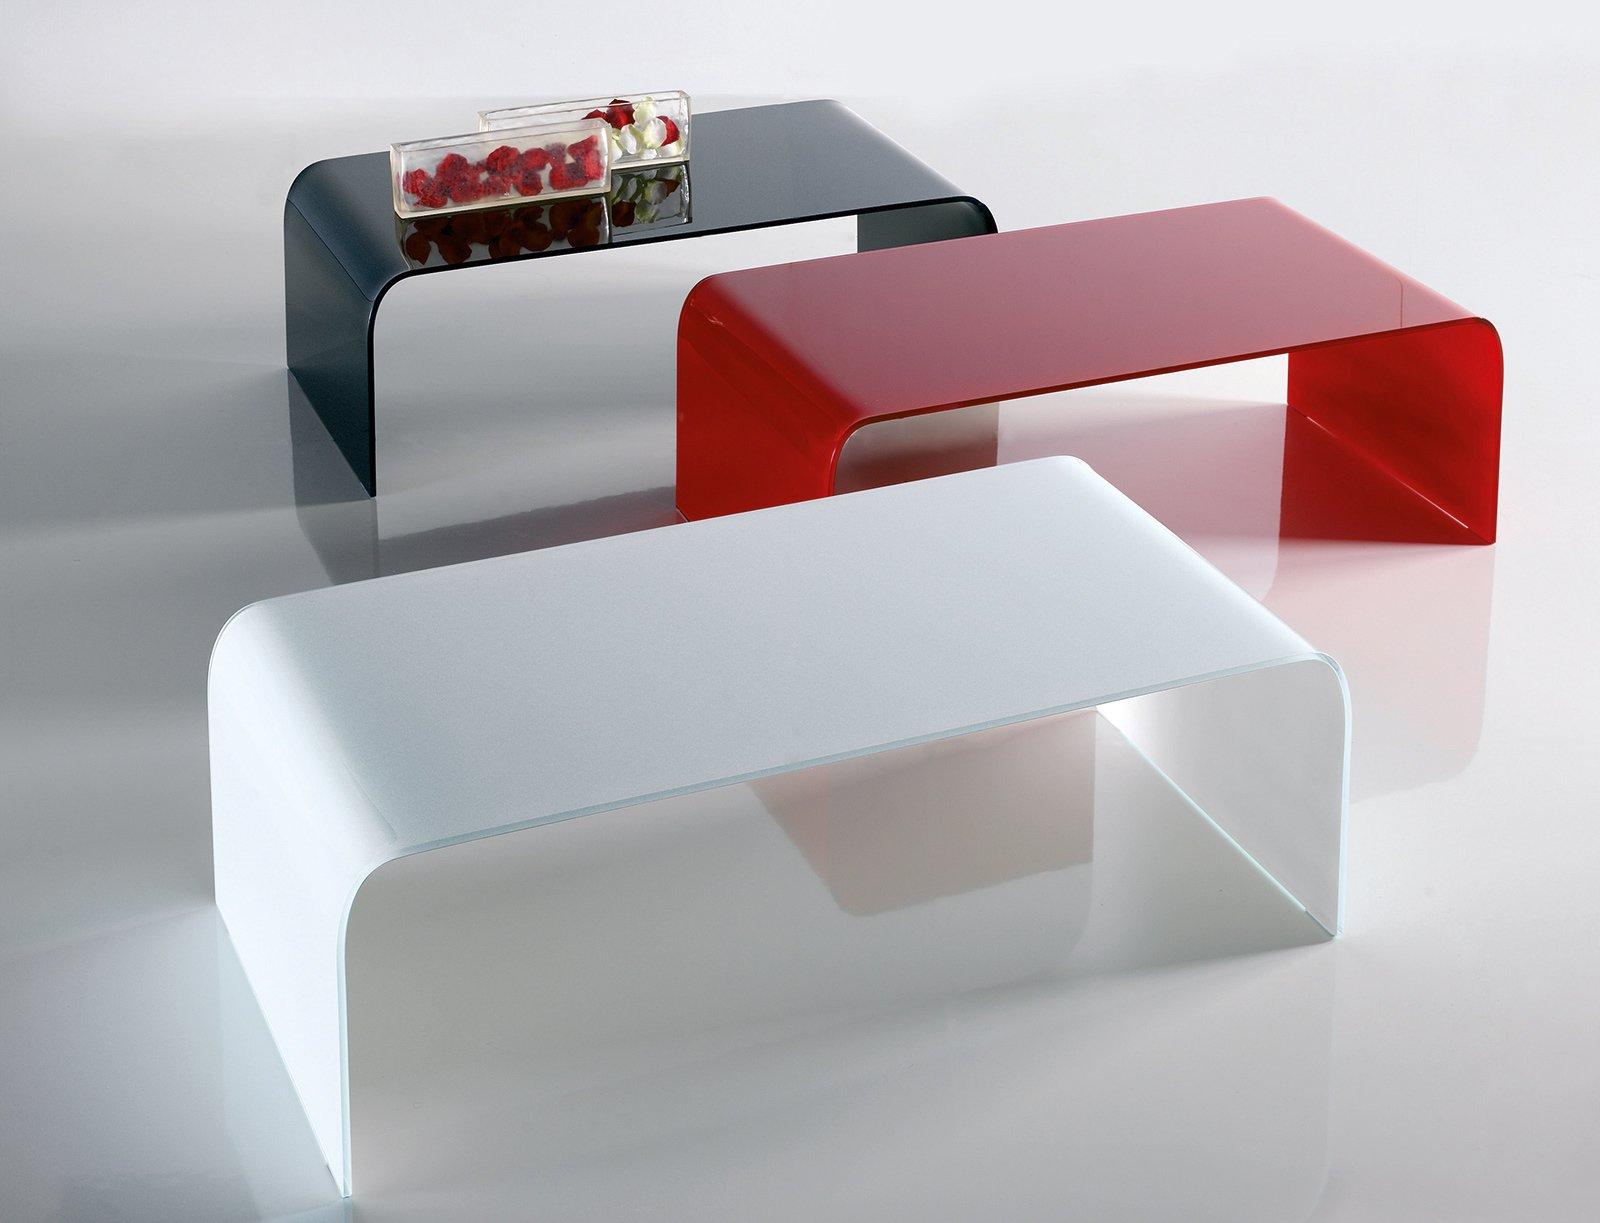 Tavolini complementi multifunzione cose di casa - Tavolino divano ...